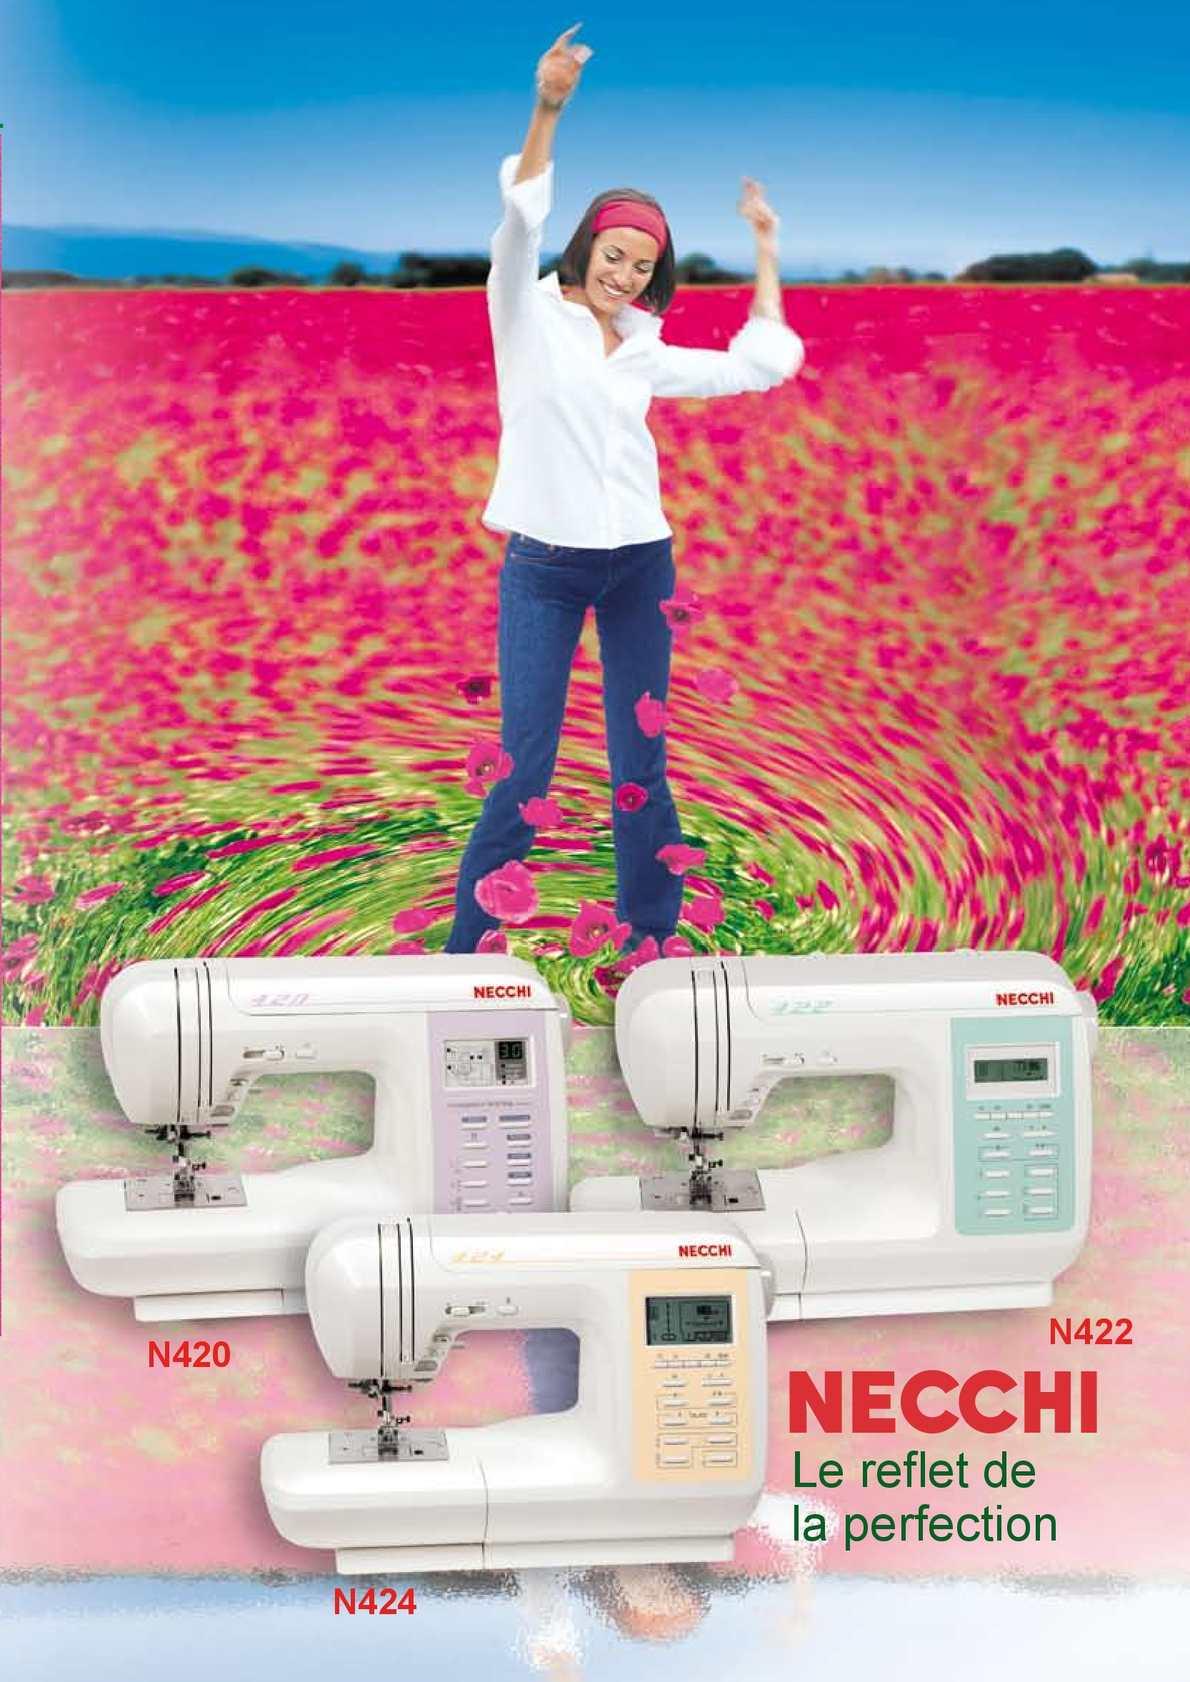 Fiche produits NECCHI Electroniques N420-N422-N424